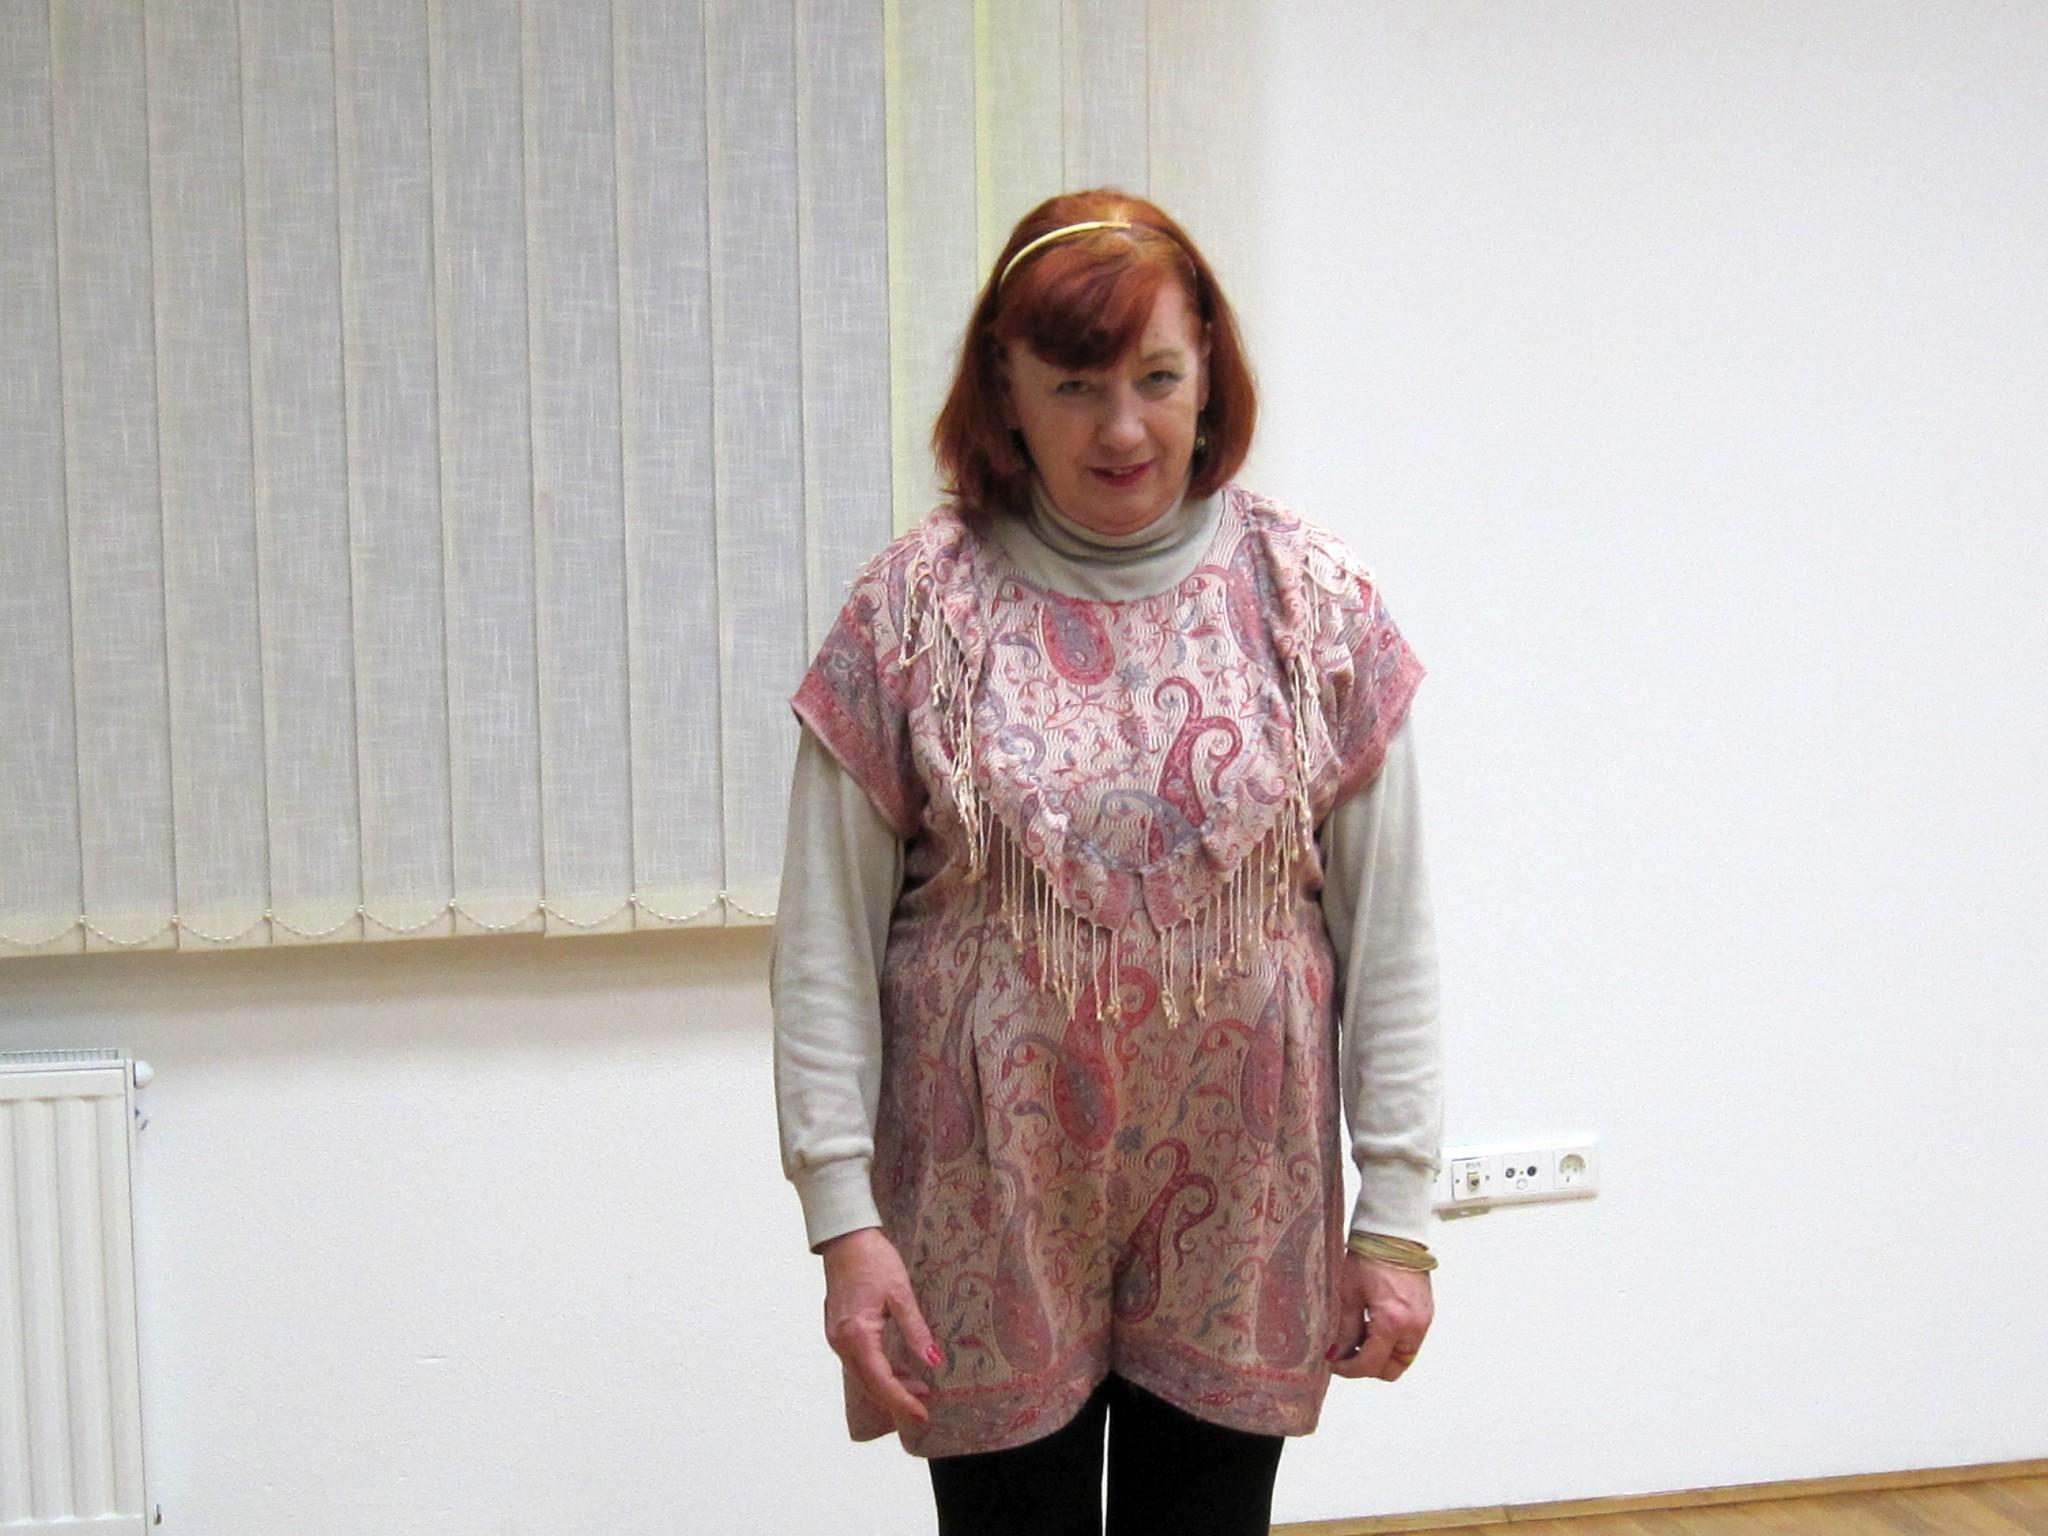 IMG 2363 - Sonja Butina: Stare rute in šali - razstava